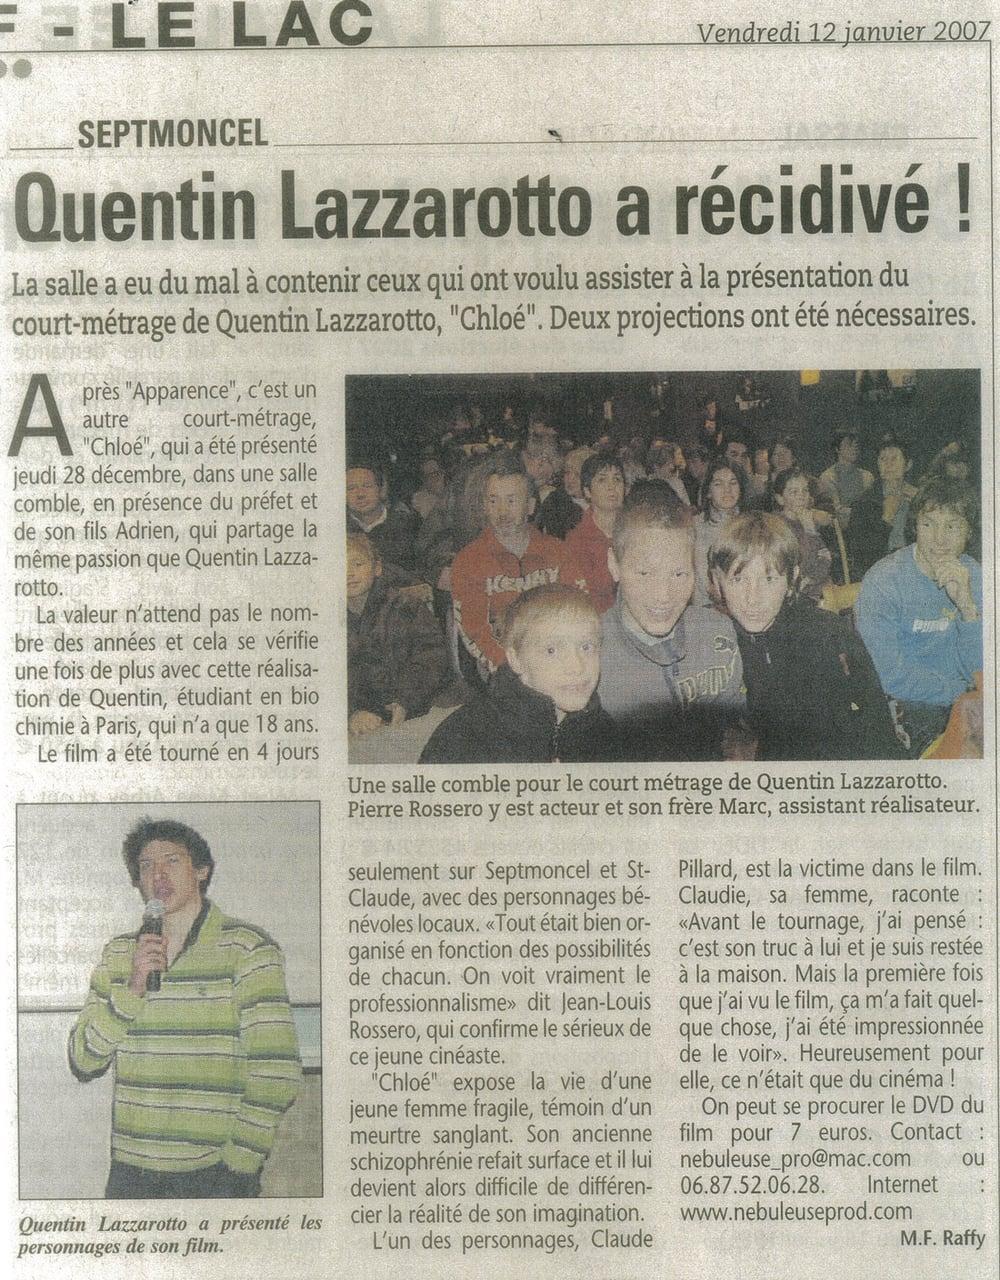 Quentin Lazzarotto a récidivé !